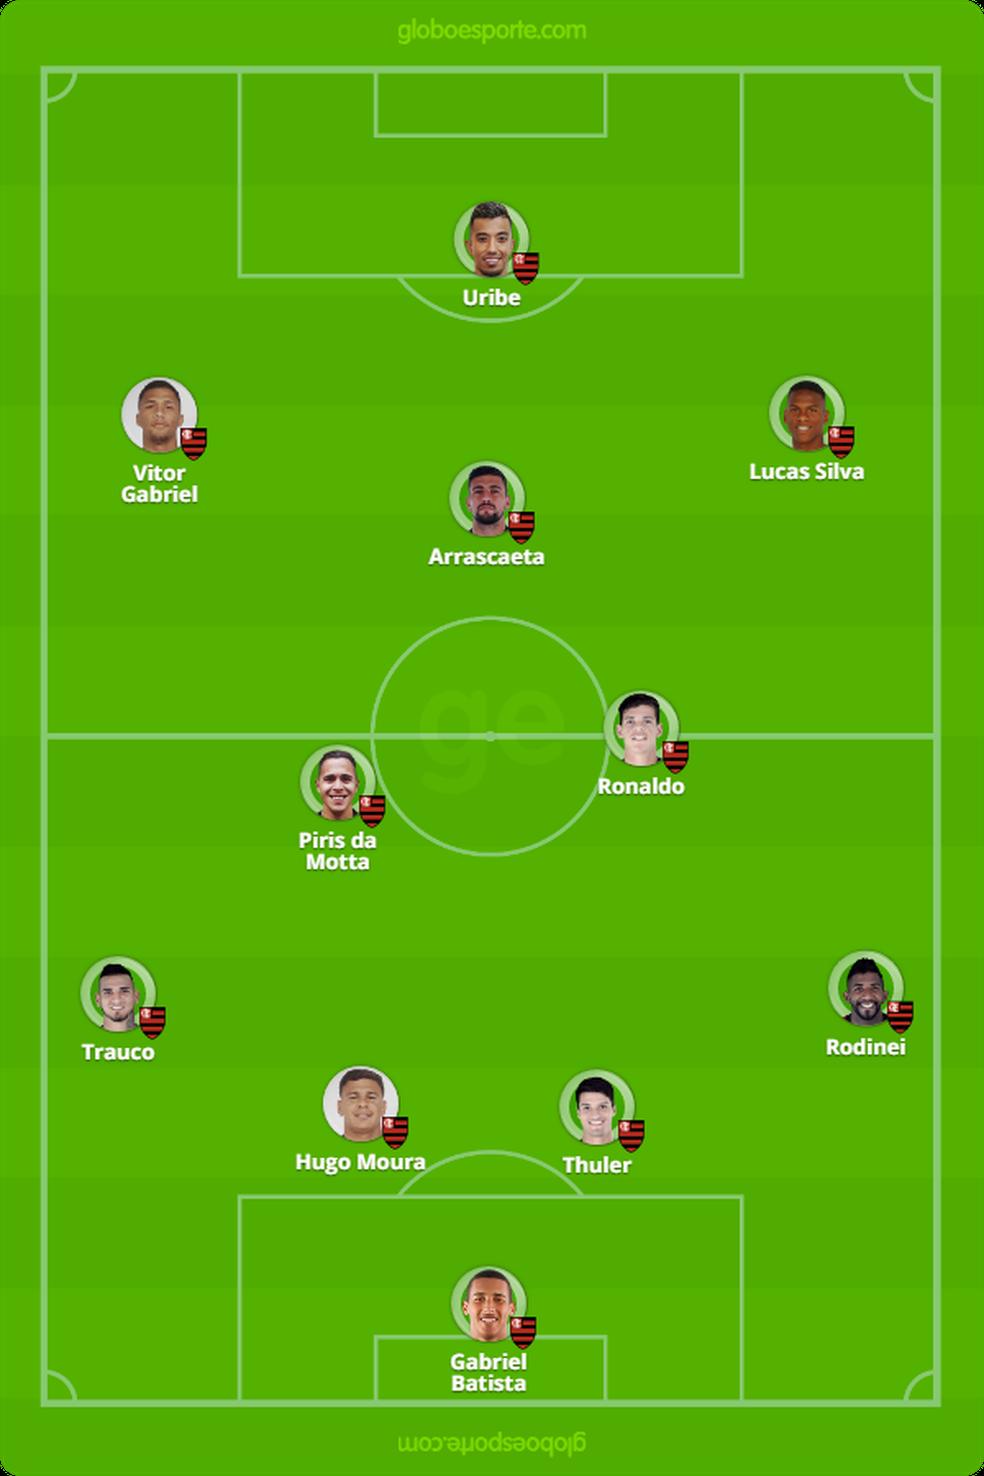 Provável escalação do Flamengo para o duelo com o Volta Redonda — Foto: GloboEsporte.com